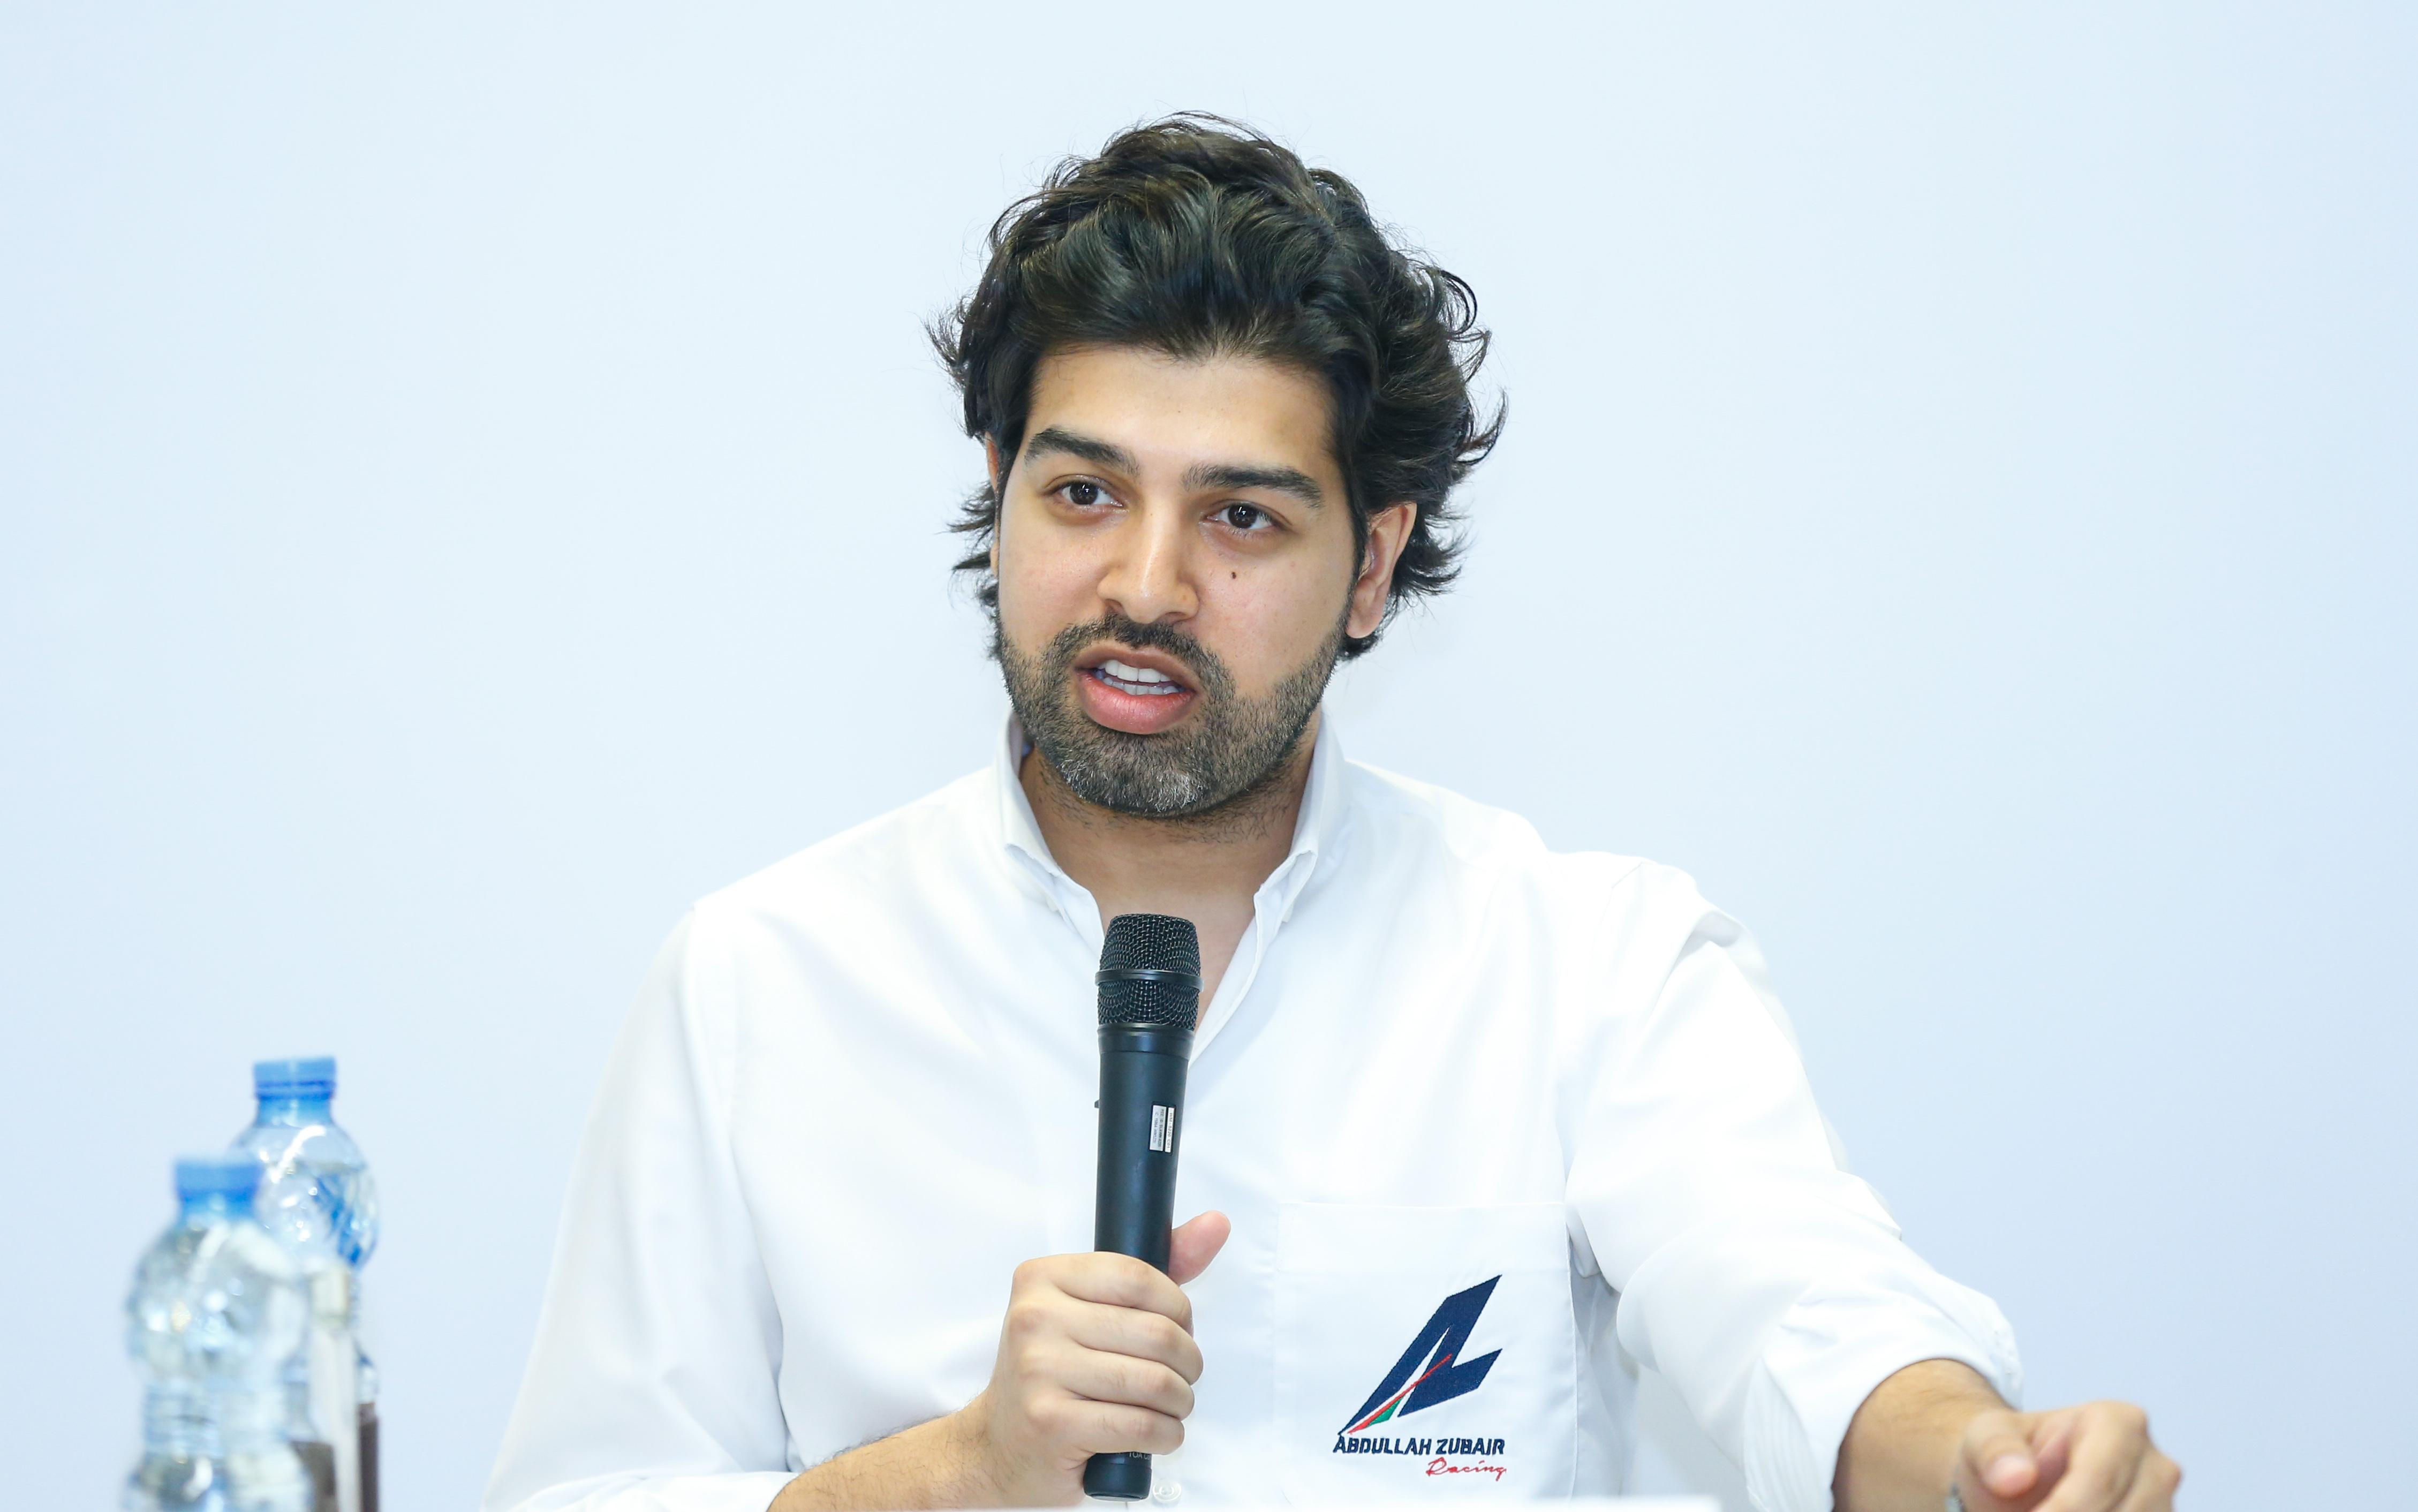 عبدالله الزبير يعلن مشاركته في الراليات الصحراوية  ورالي باها العالمي